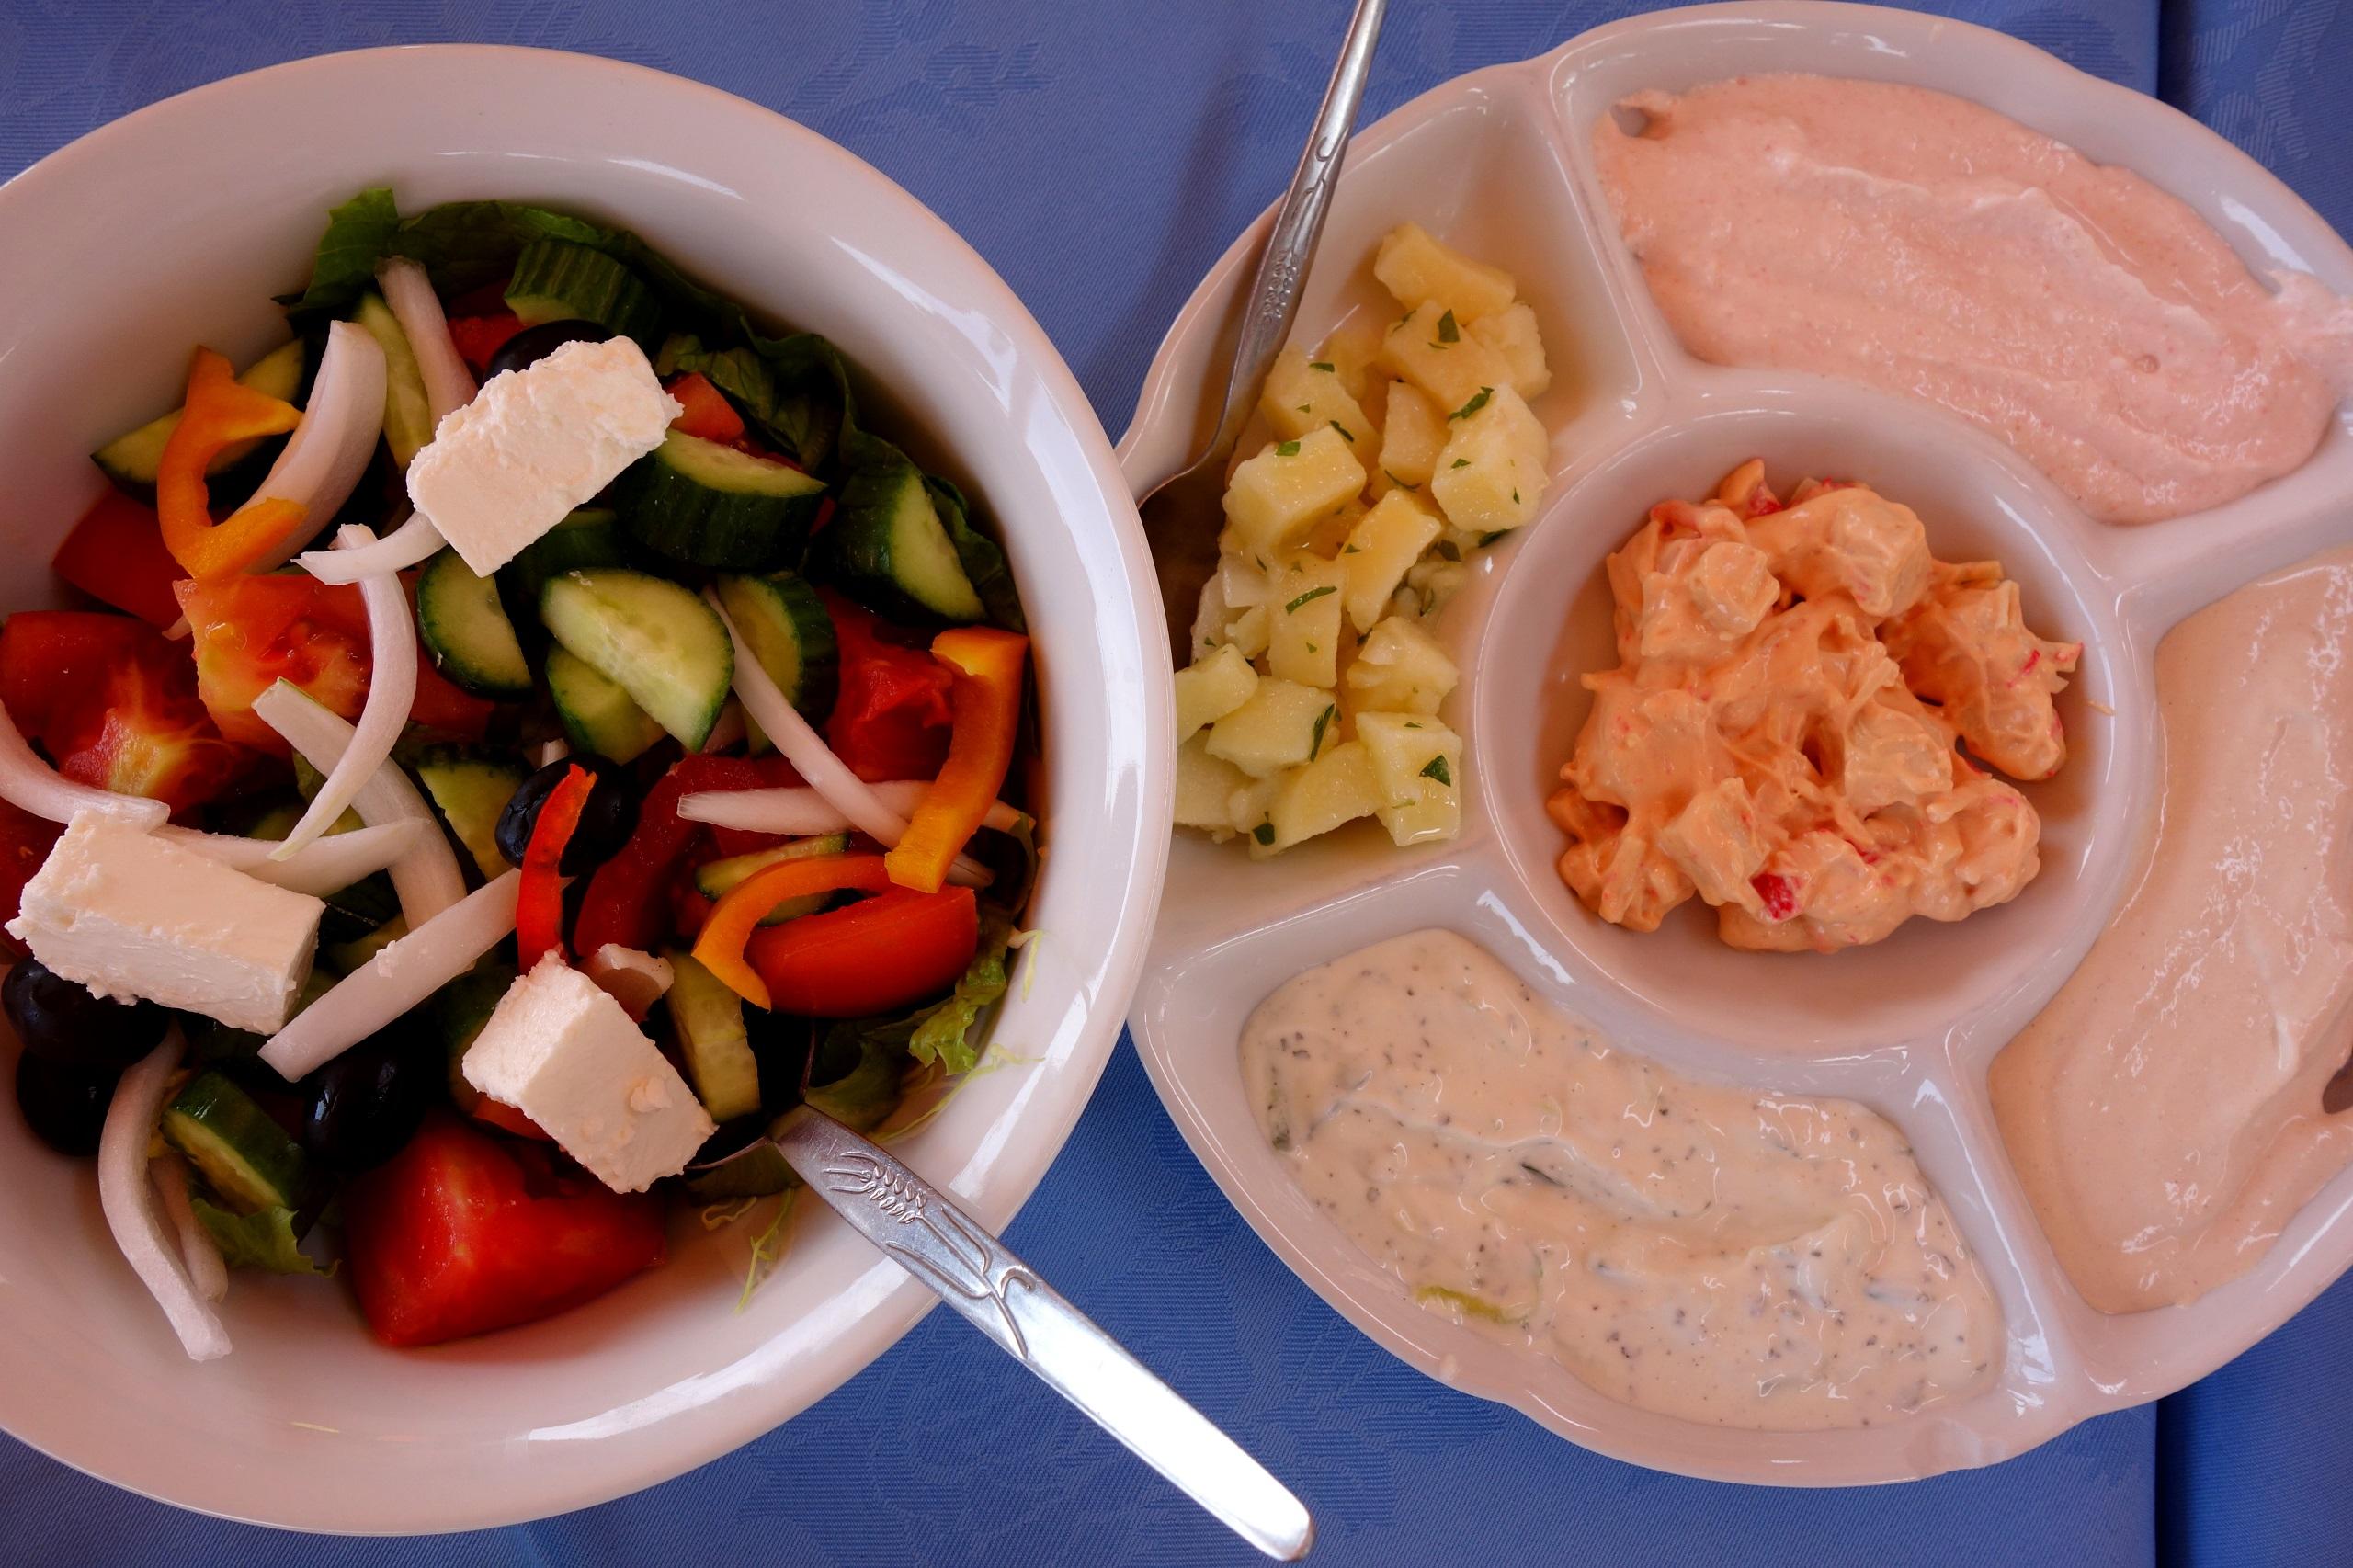 Sałatka farmerska i różne rodzaje sosów - Kuchnia cypryjska